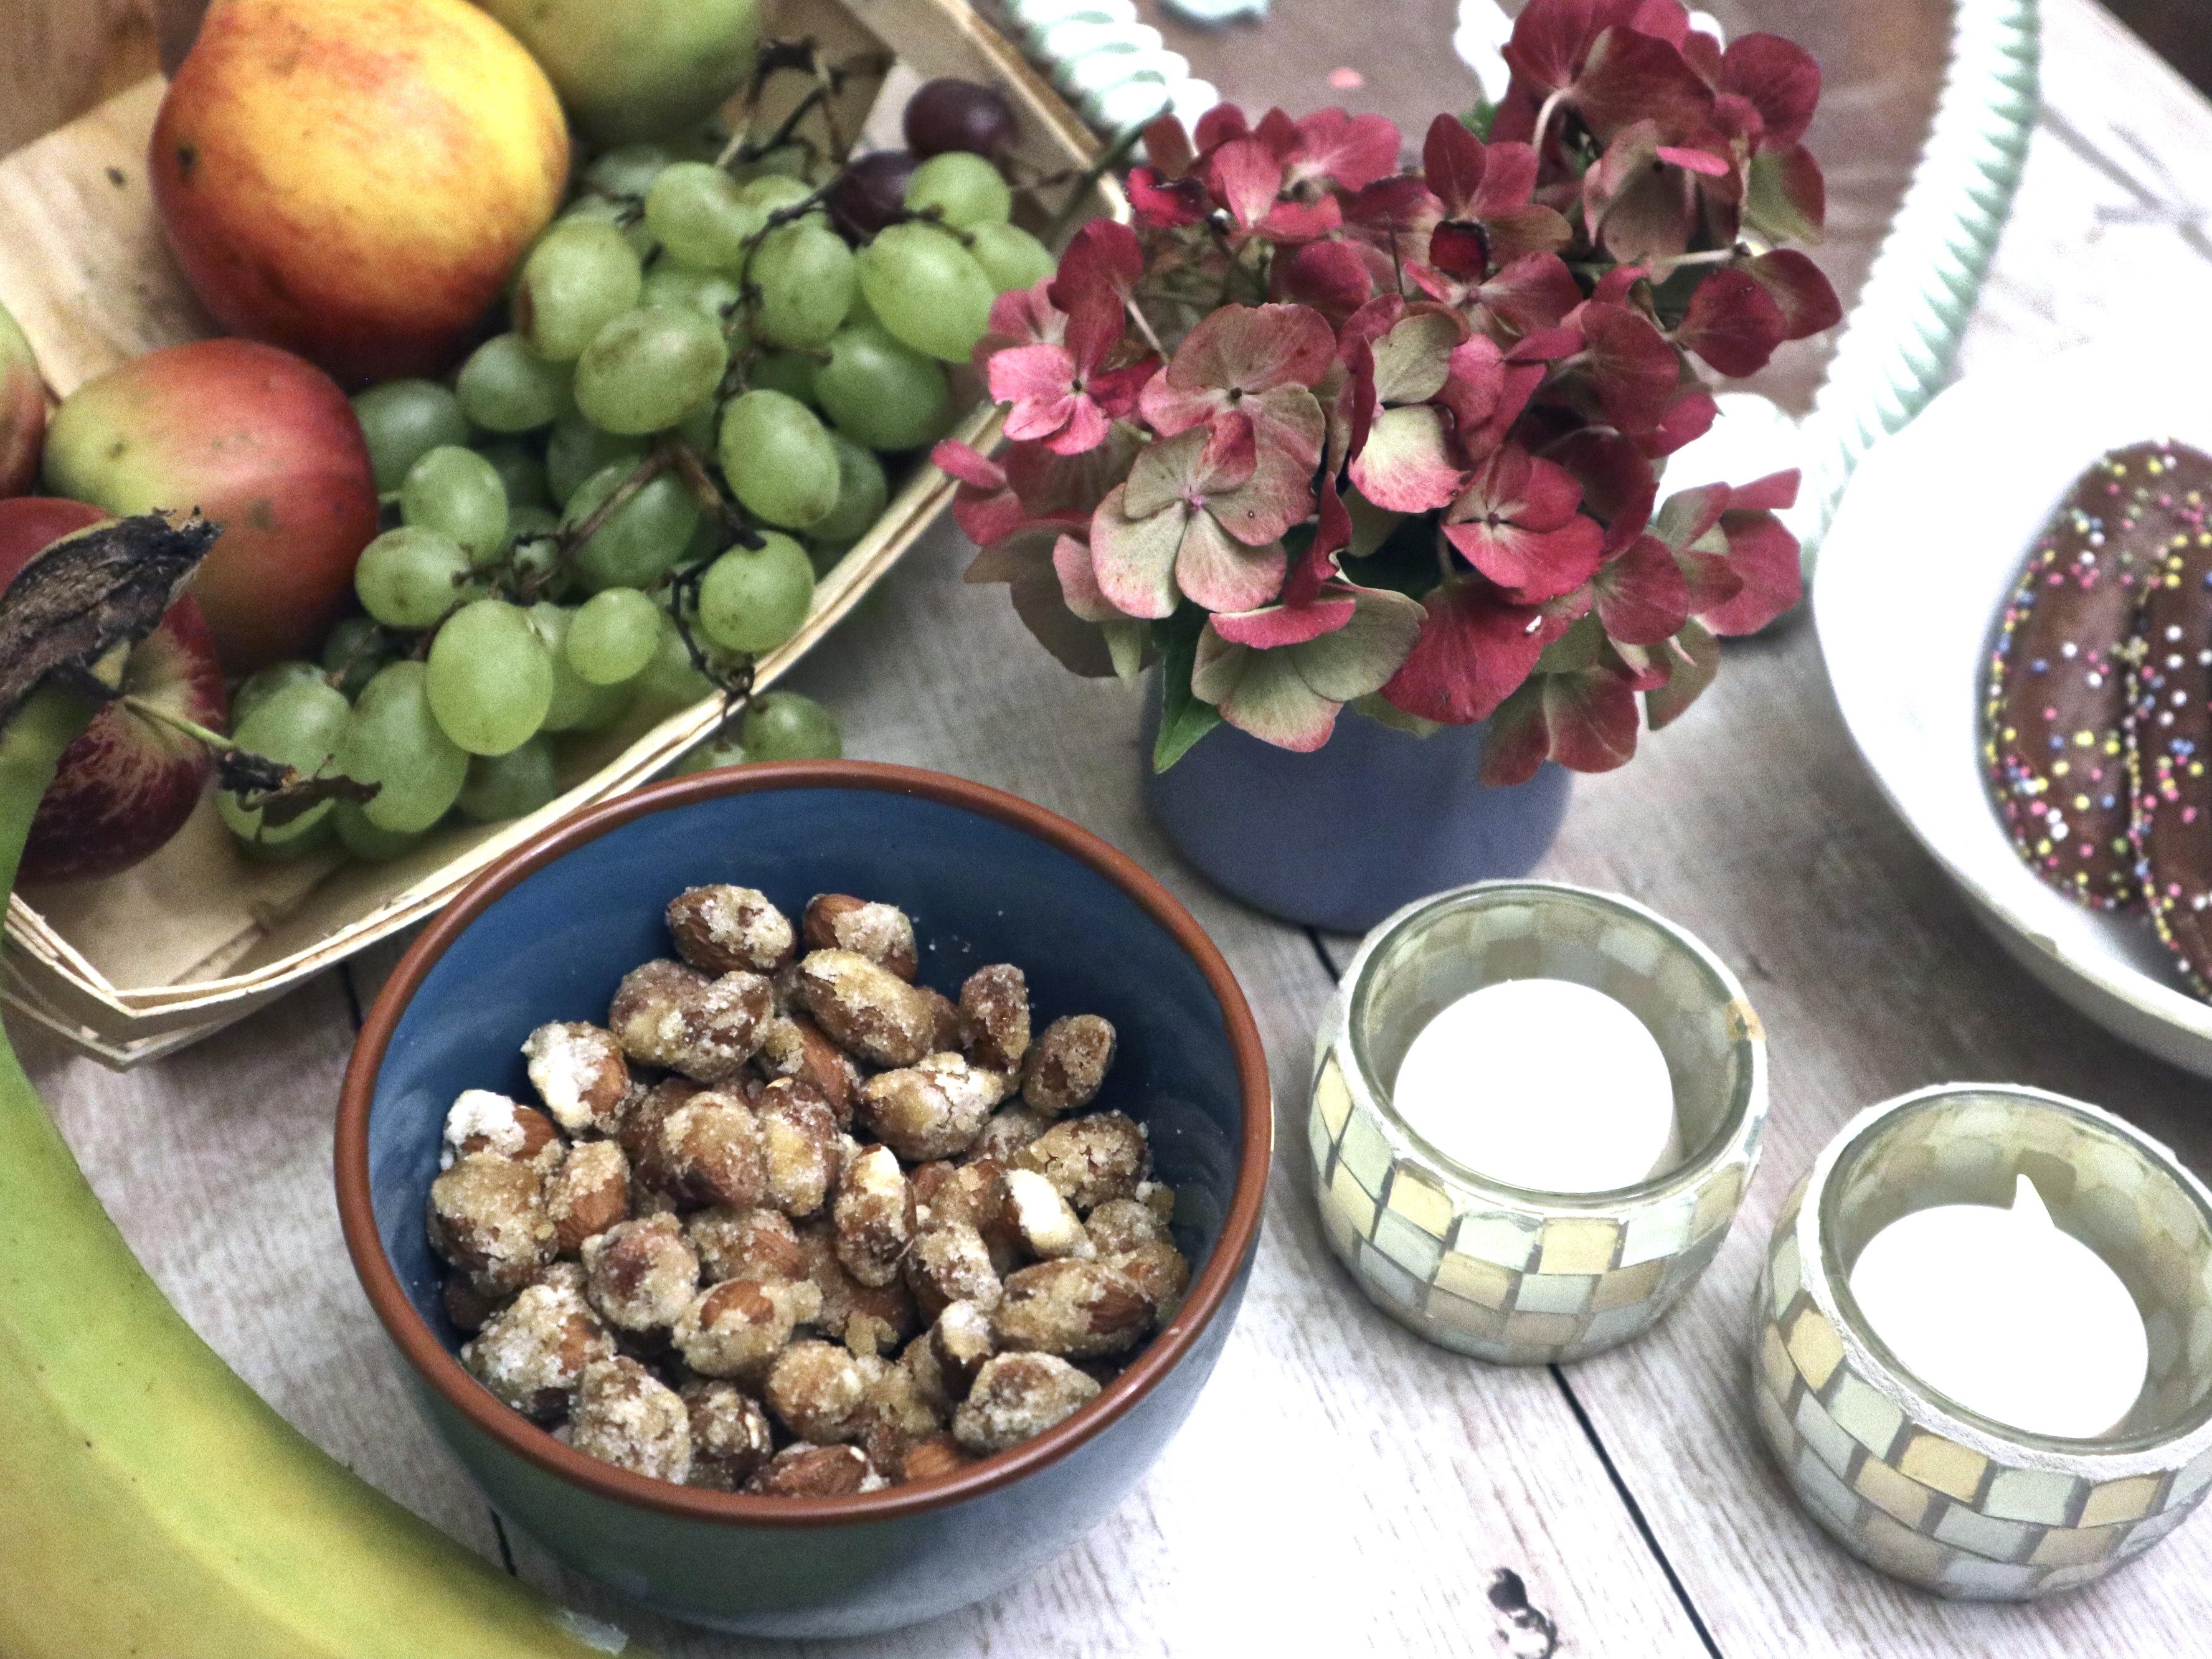 Rezept / Persönliches: Gebrannte Mandeln – ein leckerer Snack im Herbst/ Nachbarschaftsbeziehungen …